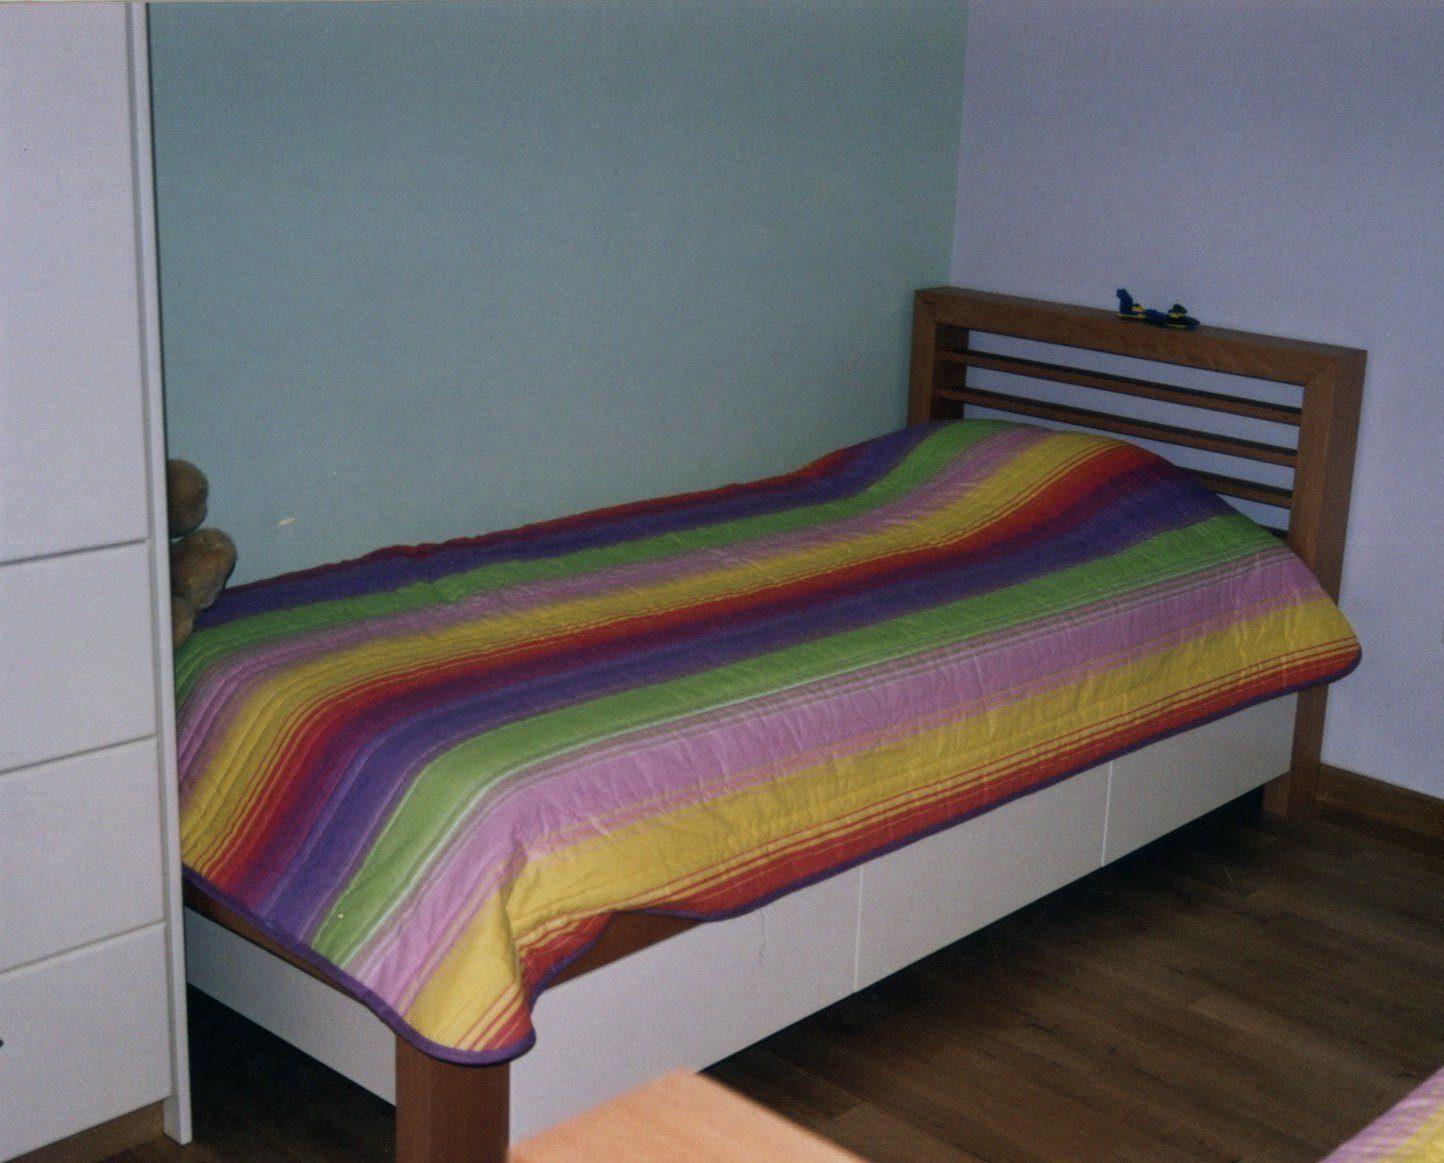 Κρεβάτι παιδικό από μασίφ οξιά και λάκα με τρία συρτάρια για αποθήκευση.